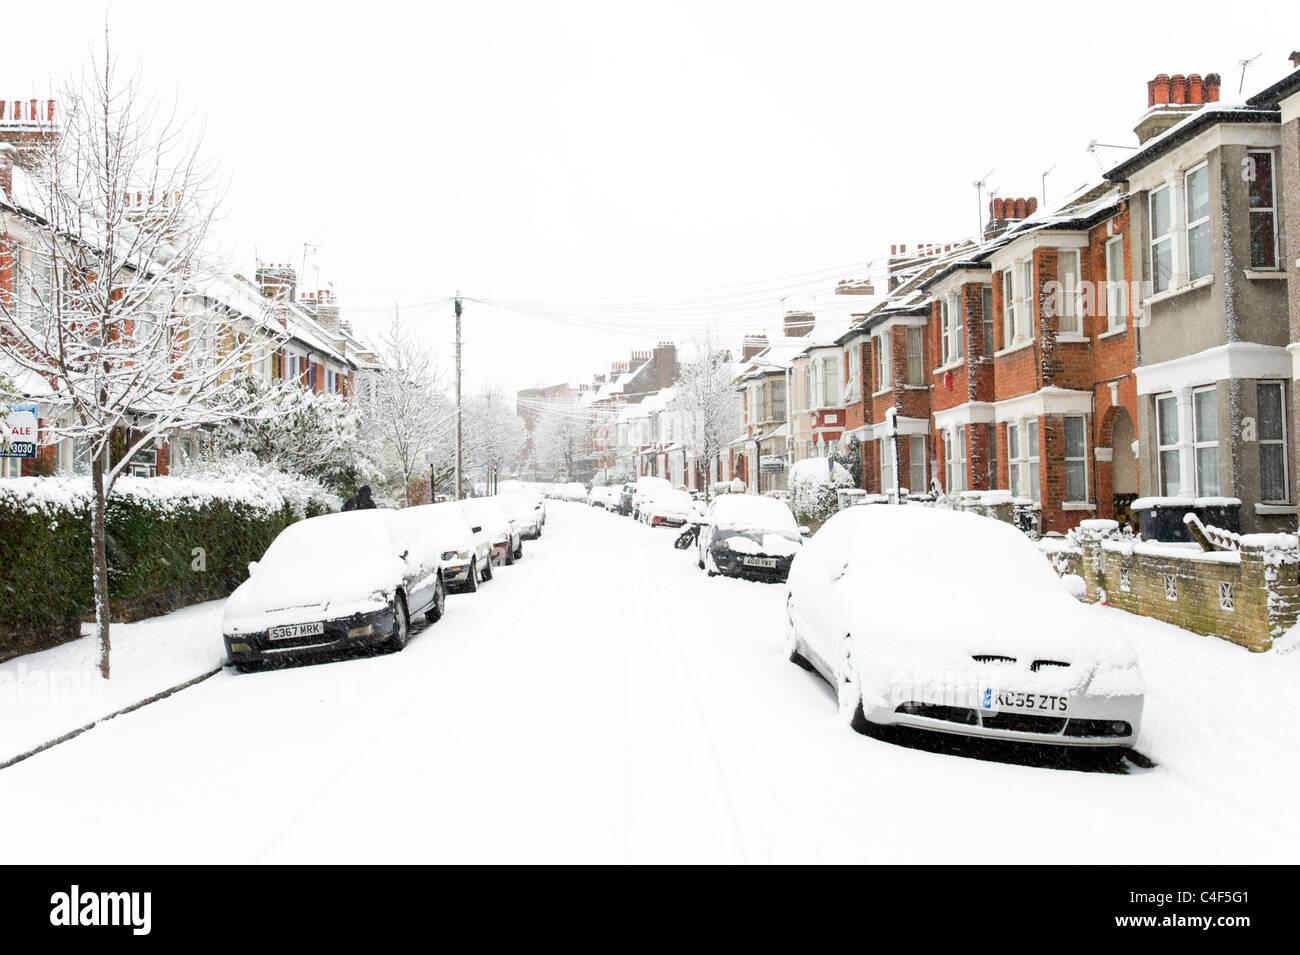 Los coches cubiertos de nieve en la calle residencial, Londres, Reino Unido. Imagen De Stock